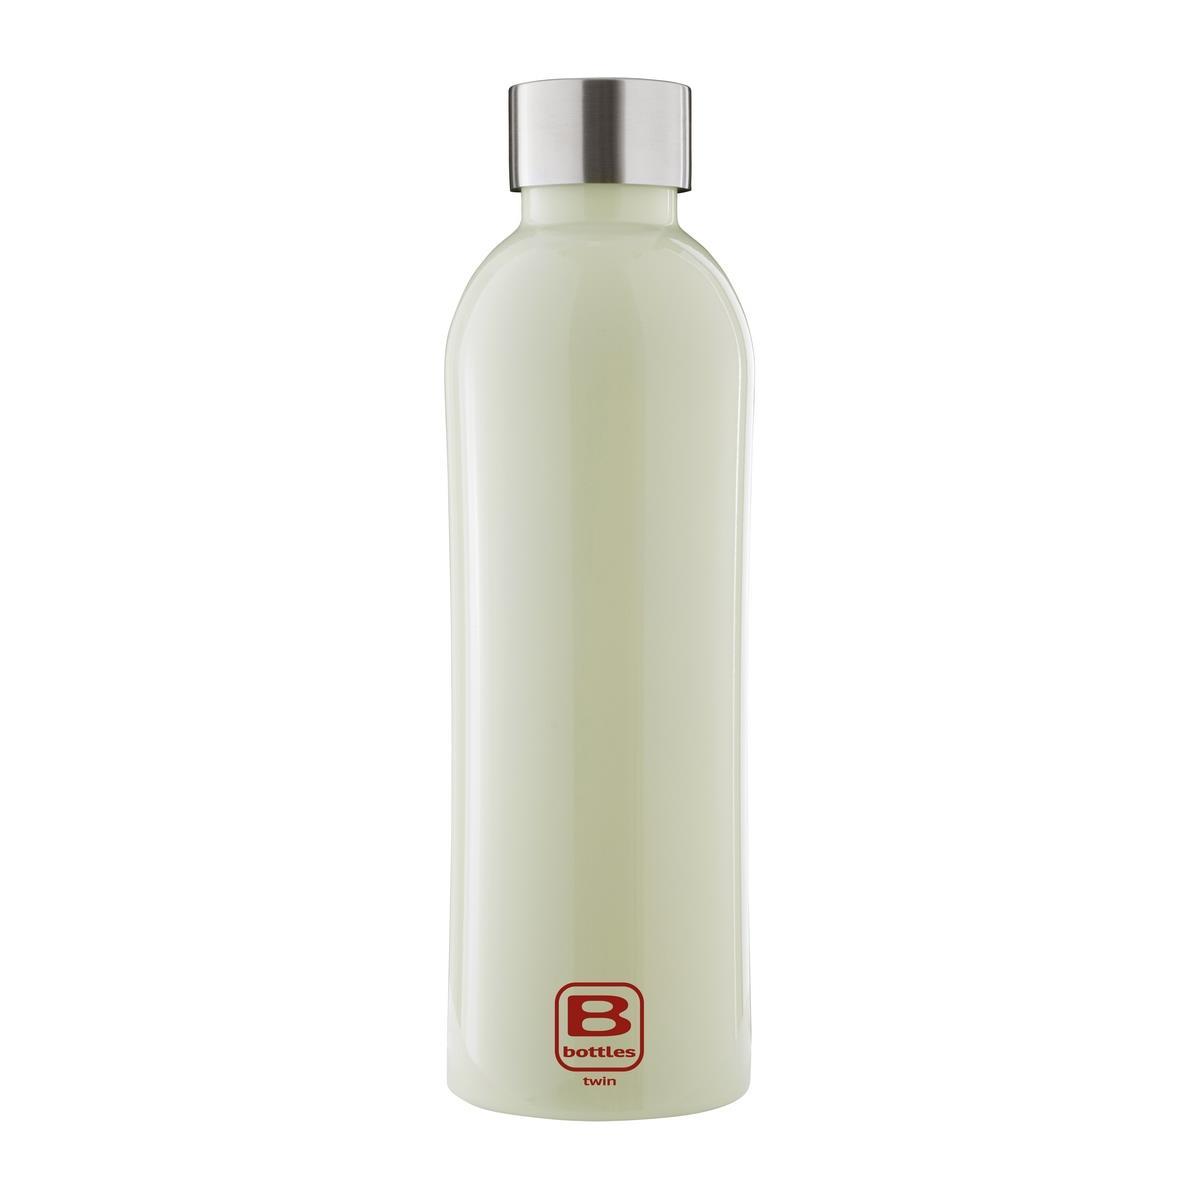 B Bottles Twin - Light Green - 800 ml - Bottiglia Termica a doppia parete in acciaio inox 18/10